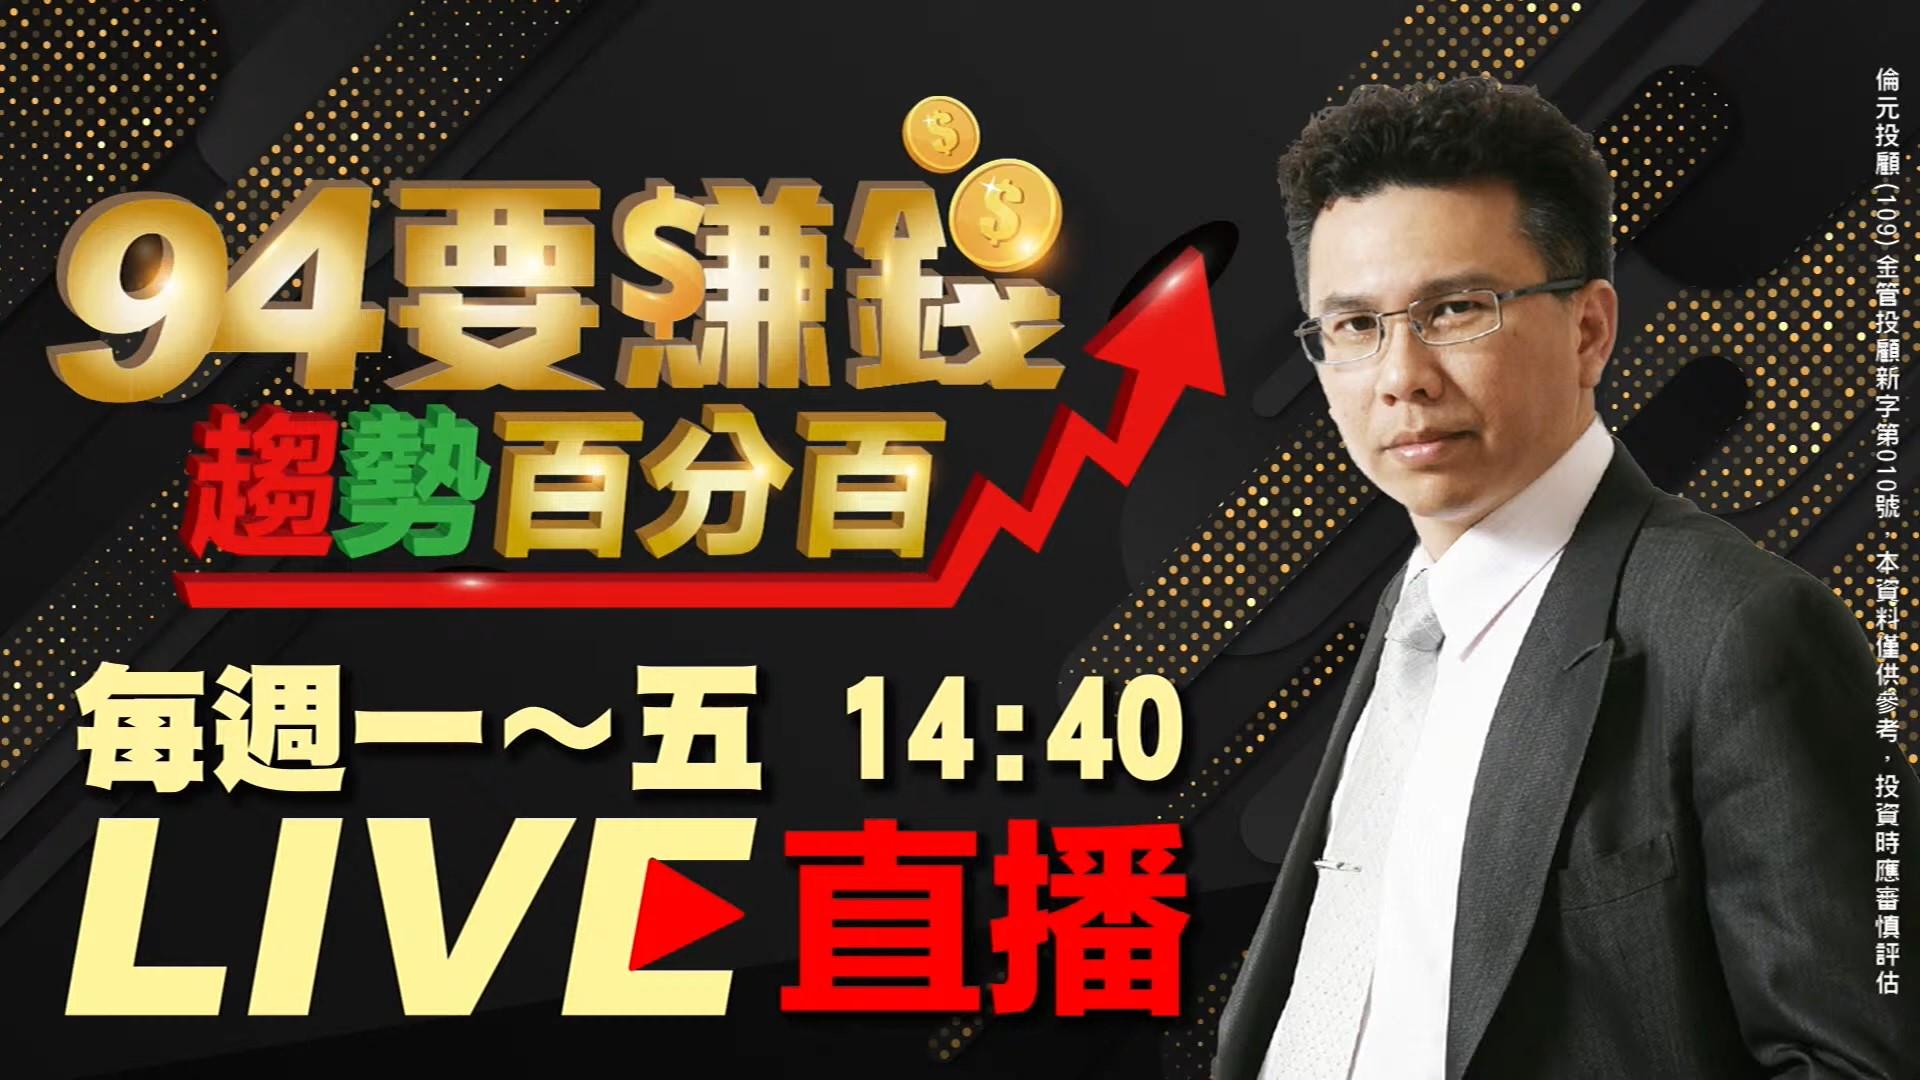 【94要賺錢/趨勢百分百】-20210120-王信傑